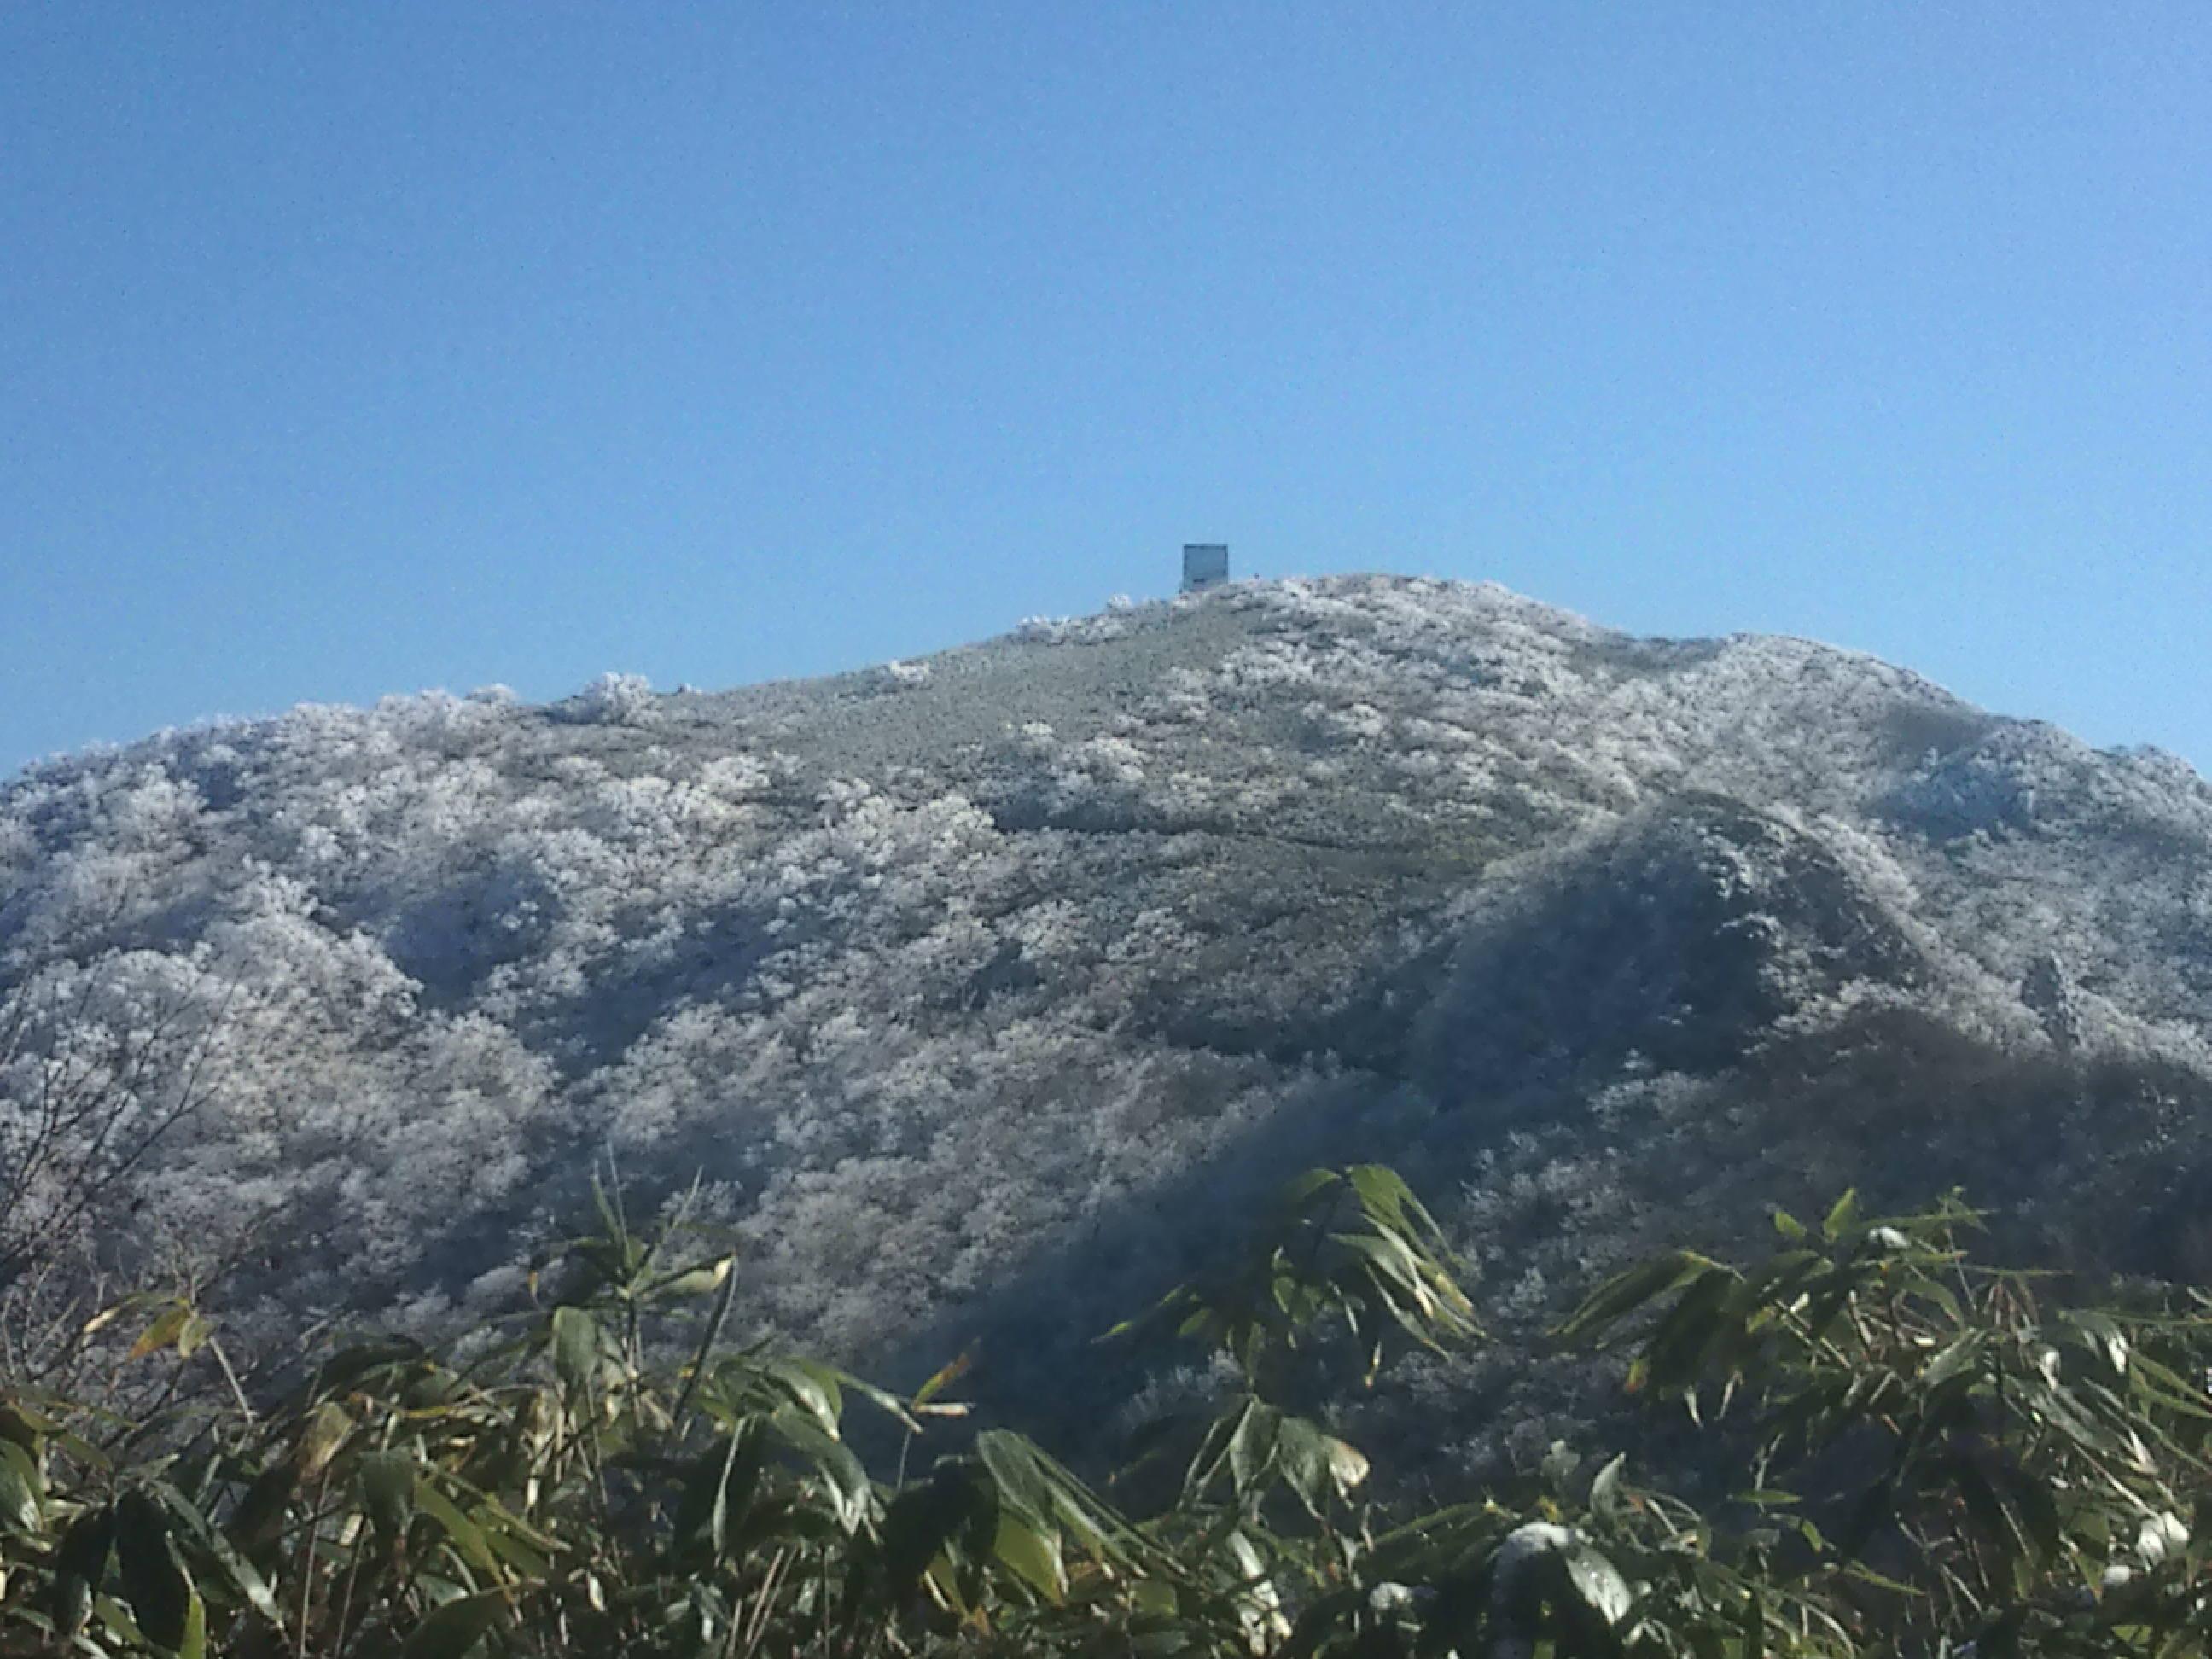 やっぱり氷ノ山っていぃね!! (11月27日)_f0101226_22262378.jpg